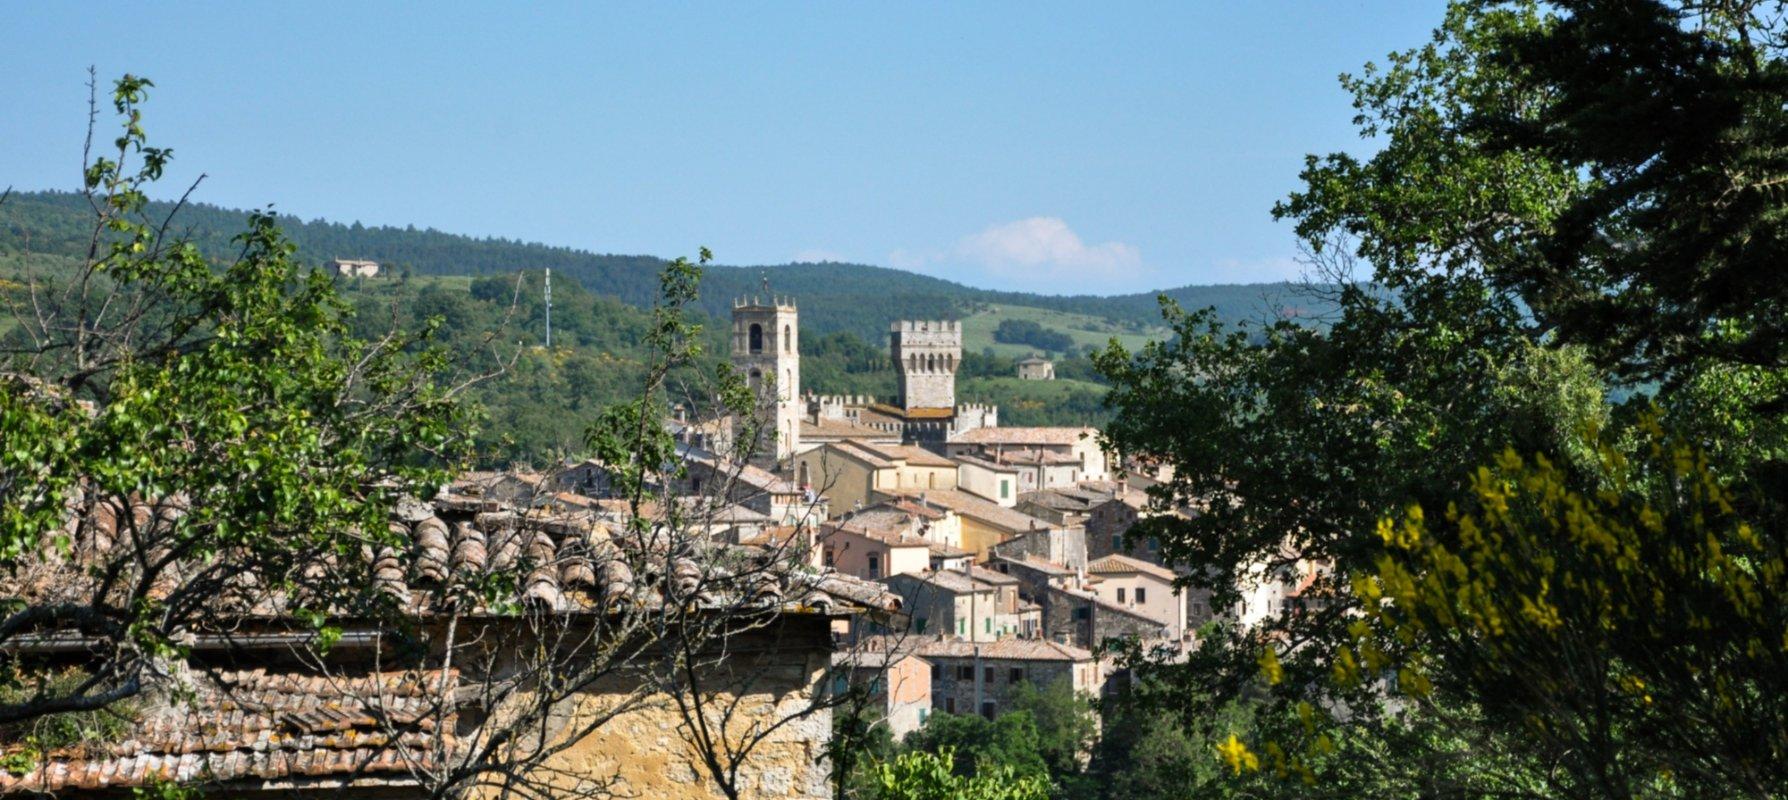 San Casciano dei Bagni | Visit Tuscany